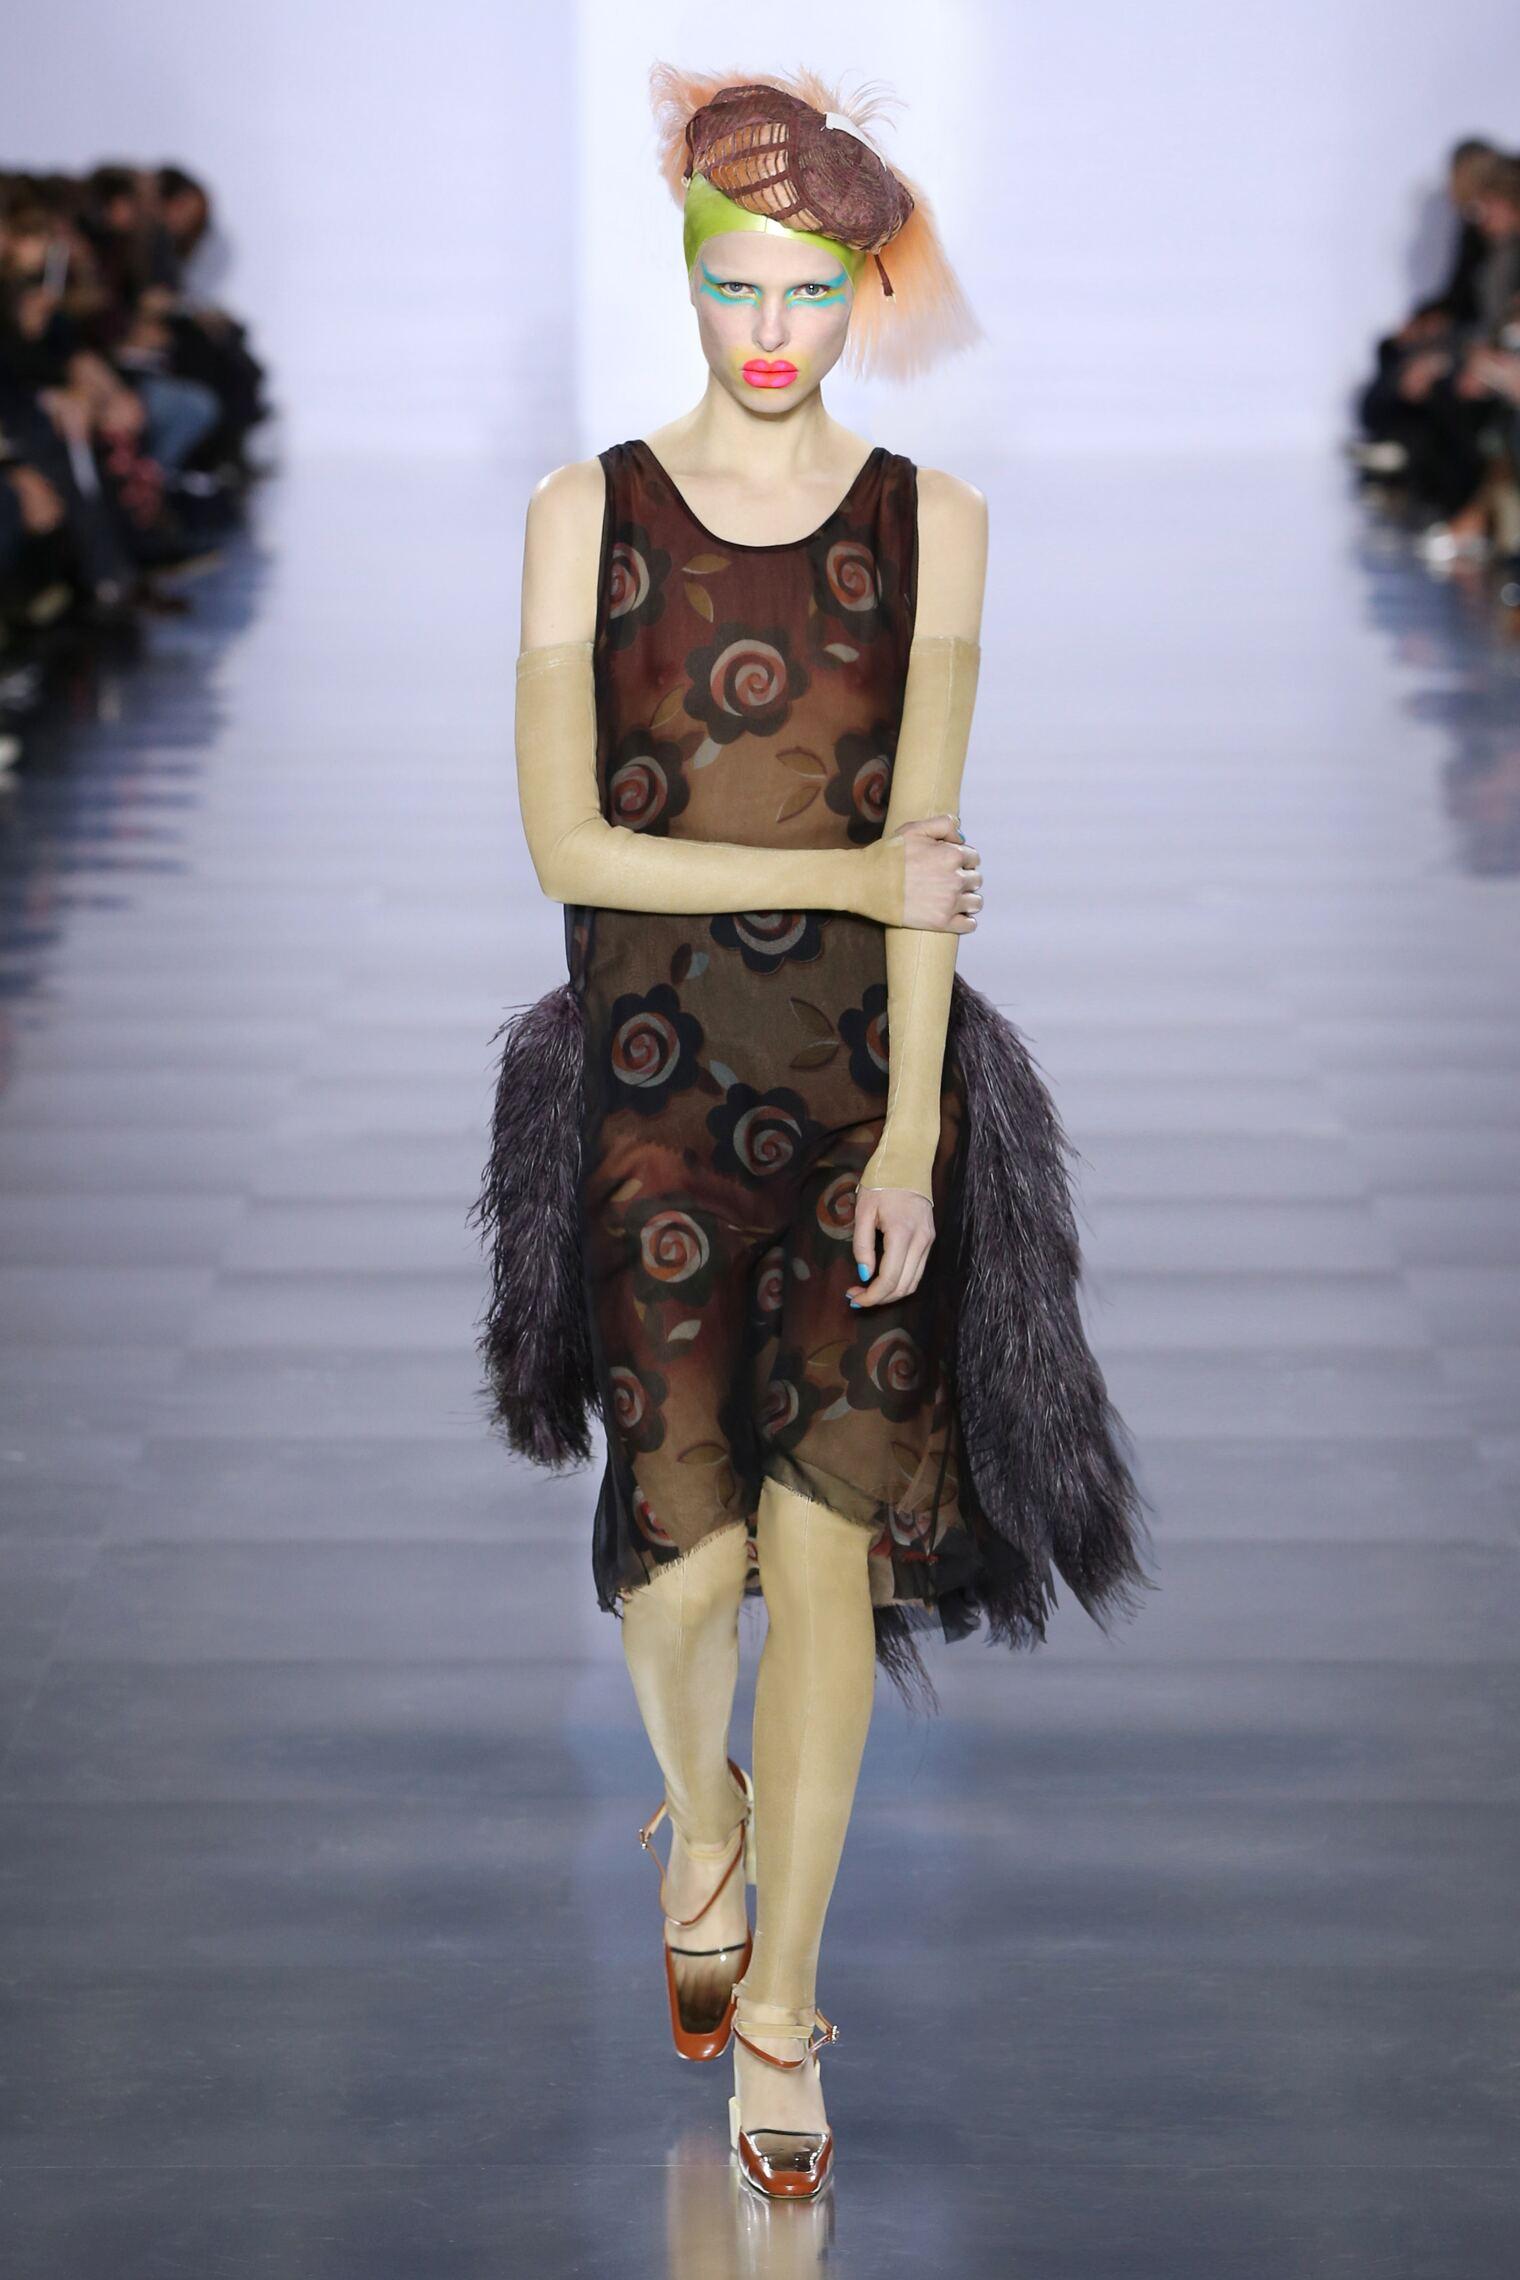 Runway Maison Margiela Fall Winter 2015 16 Women's Collection Paris Fashion Week